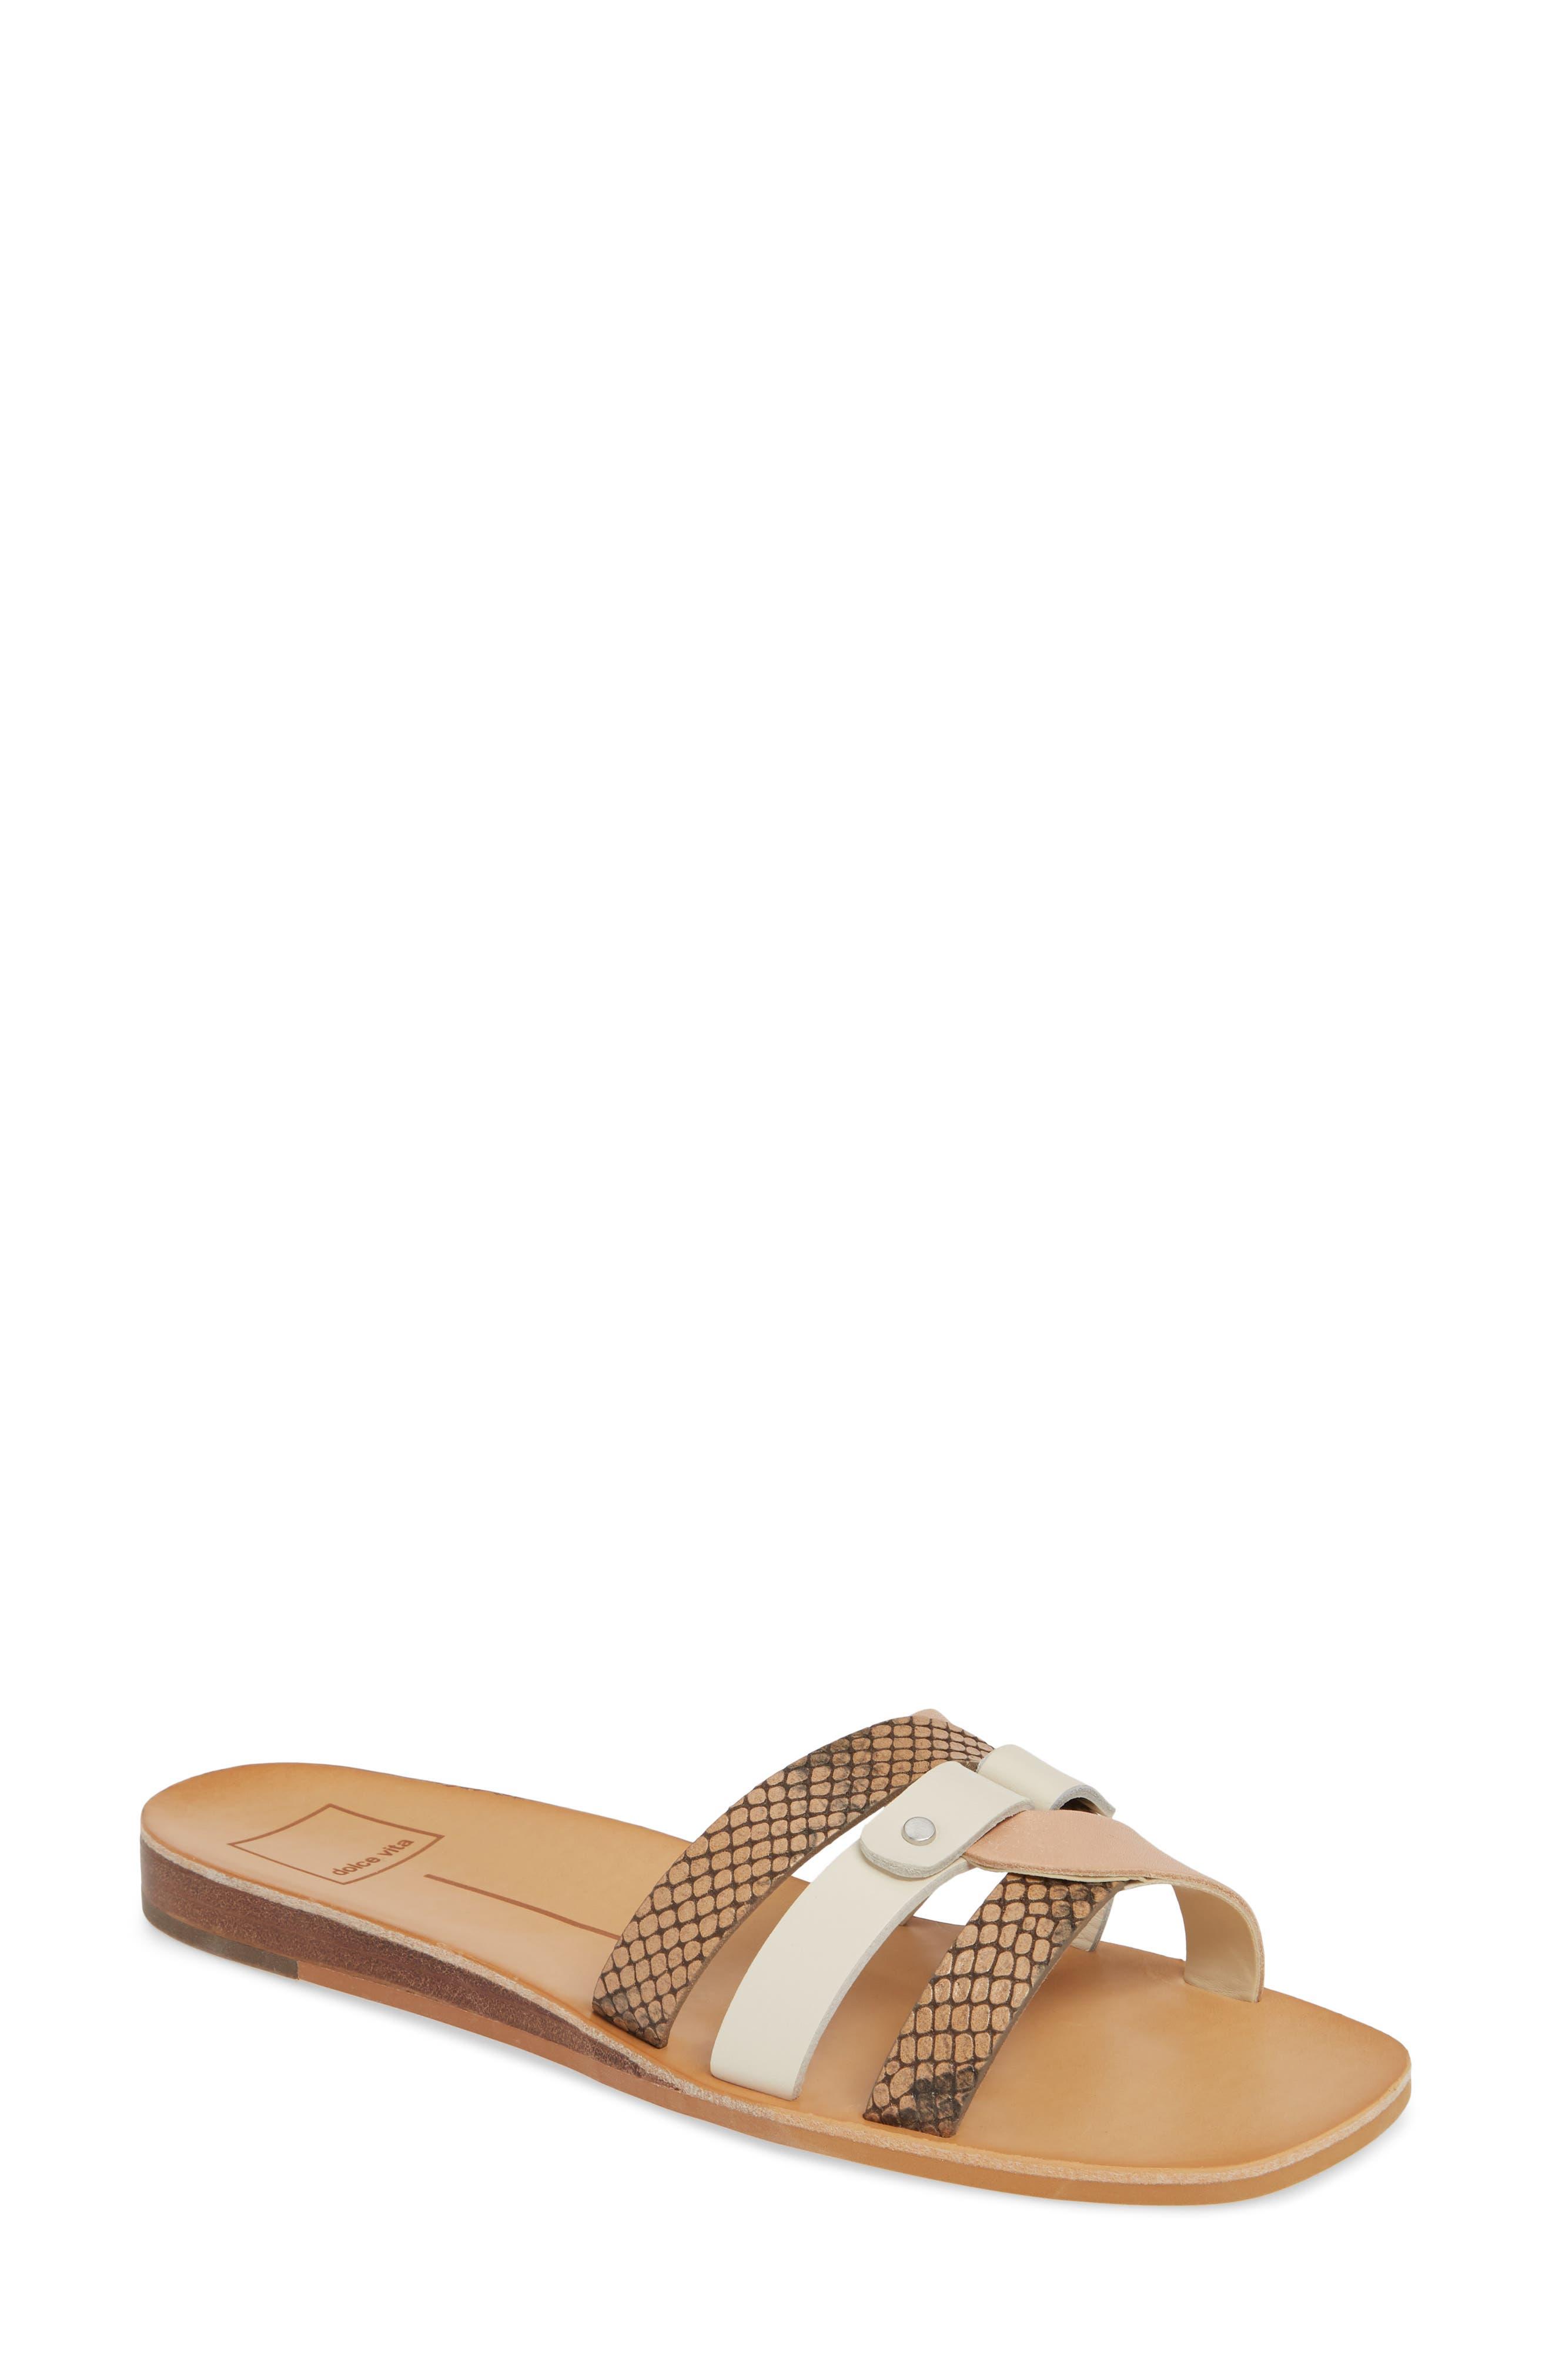 Dolce Vita Cait Slide Sandal, White